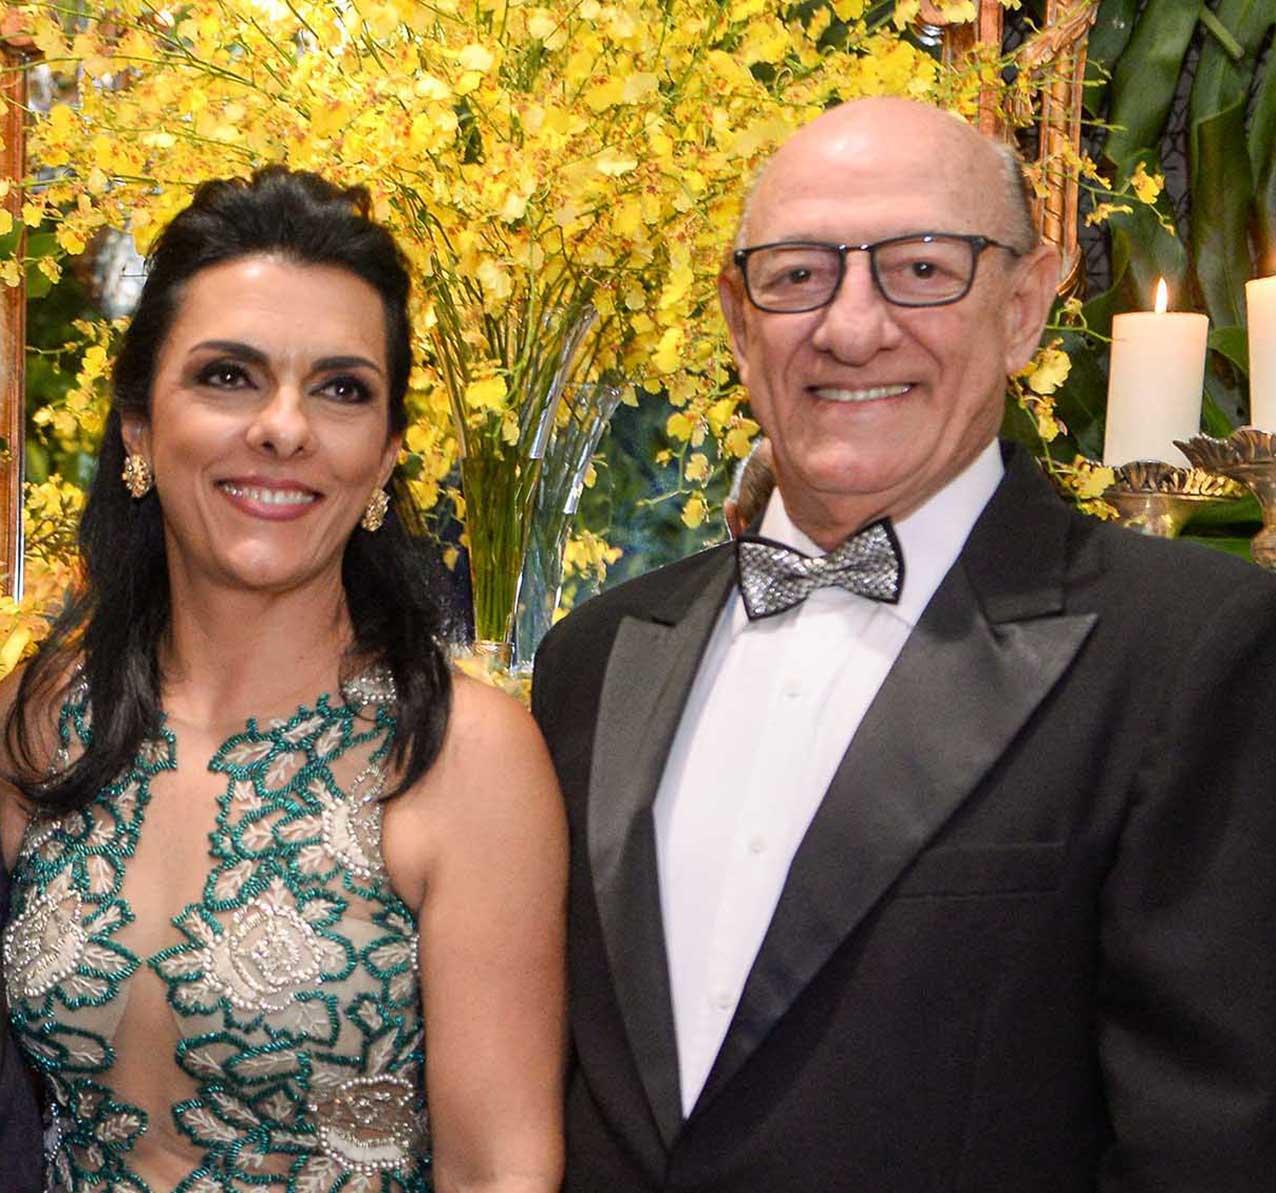 Frank Gomes e Valéria foram destaque nos 70 anos de Milton Martinelli no Cerimonial Mansão Cunha Guedes